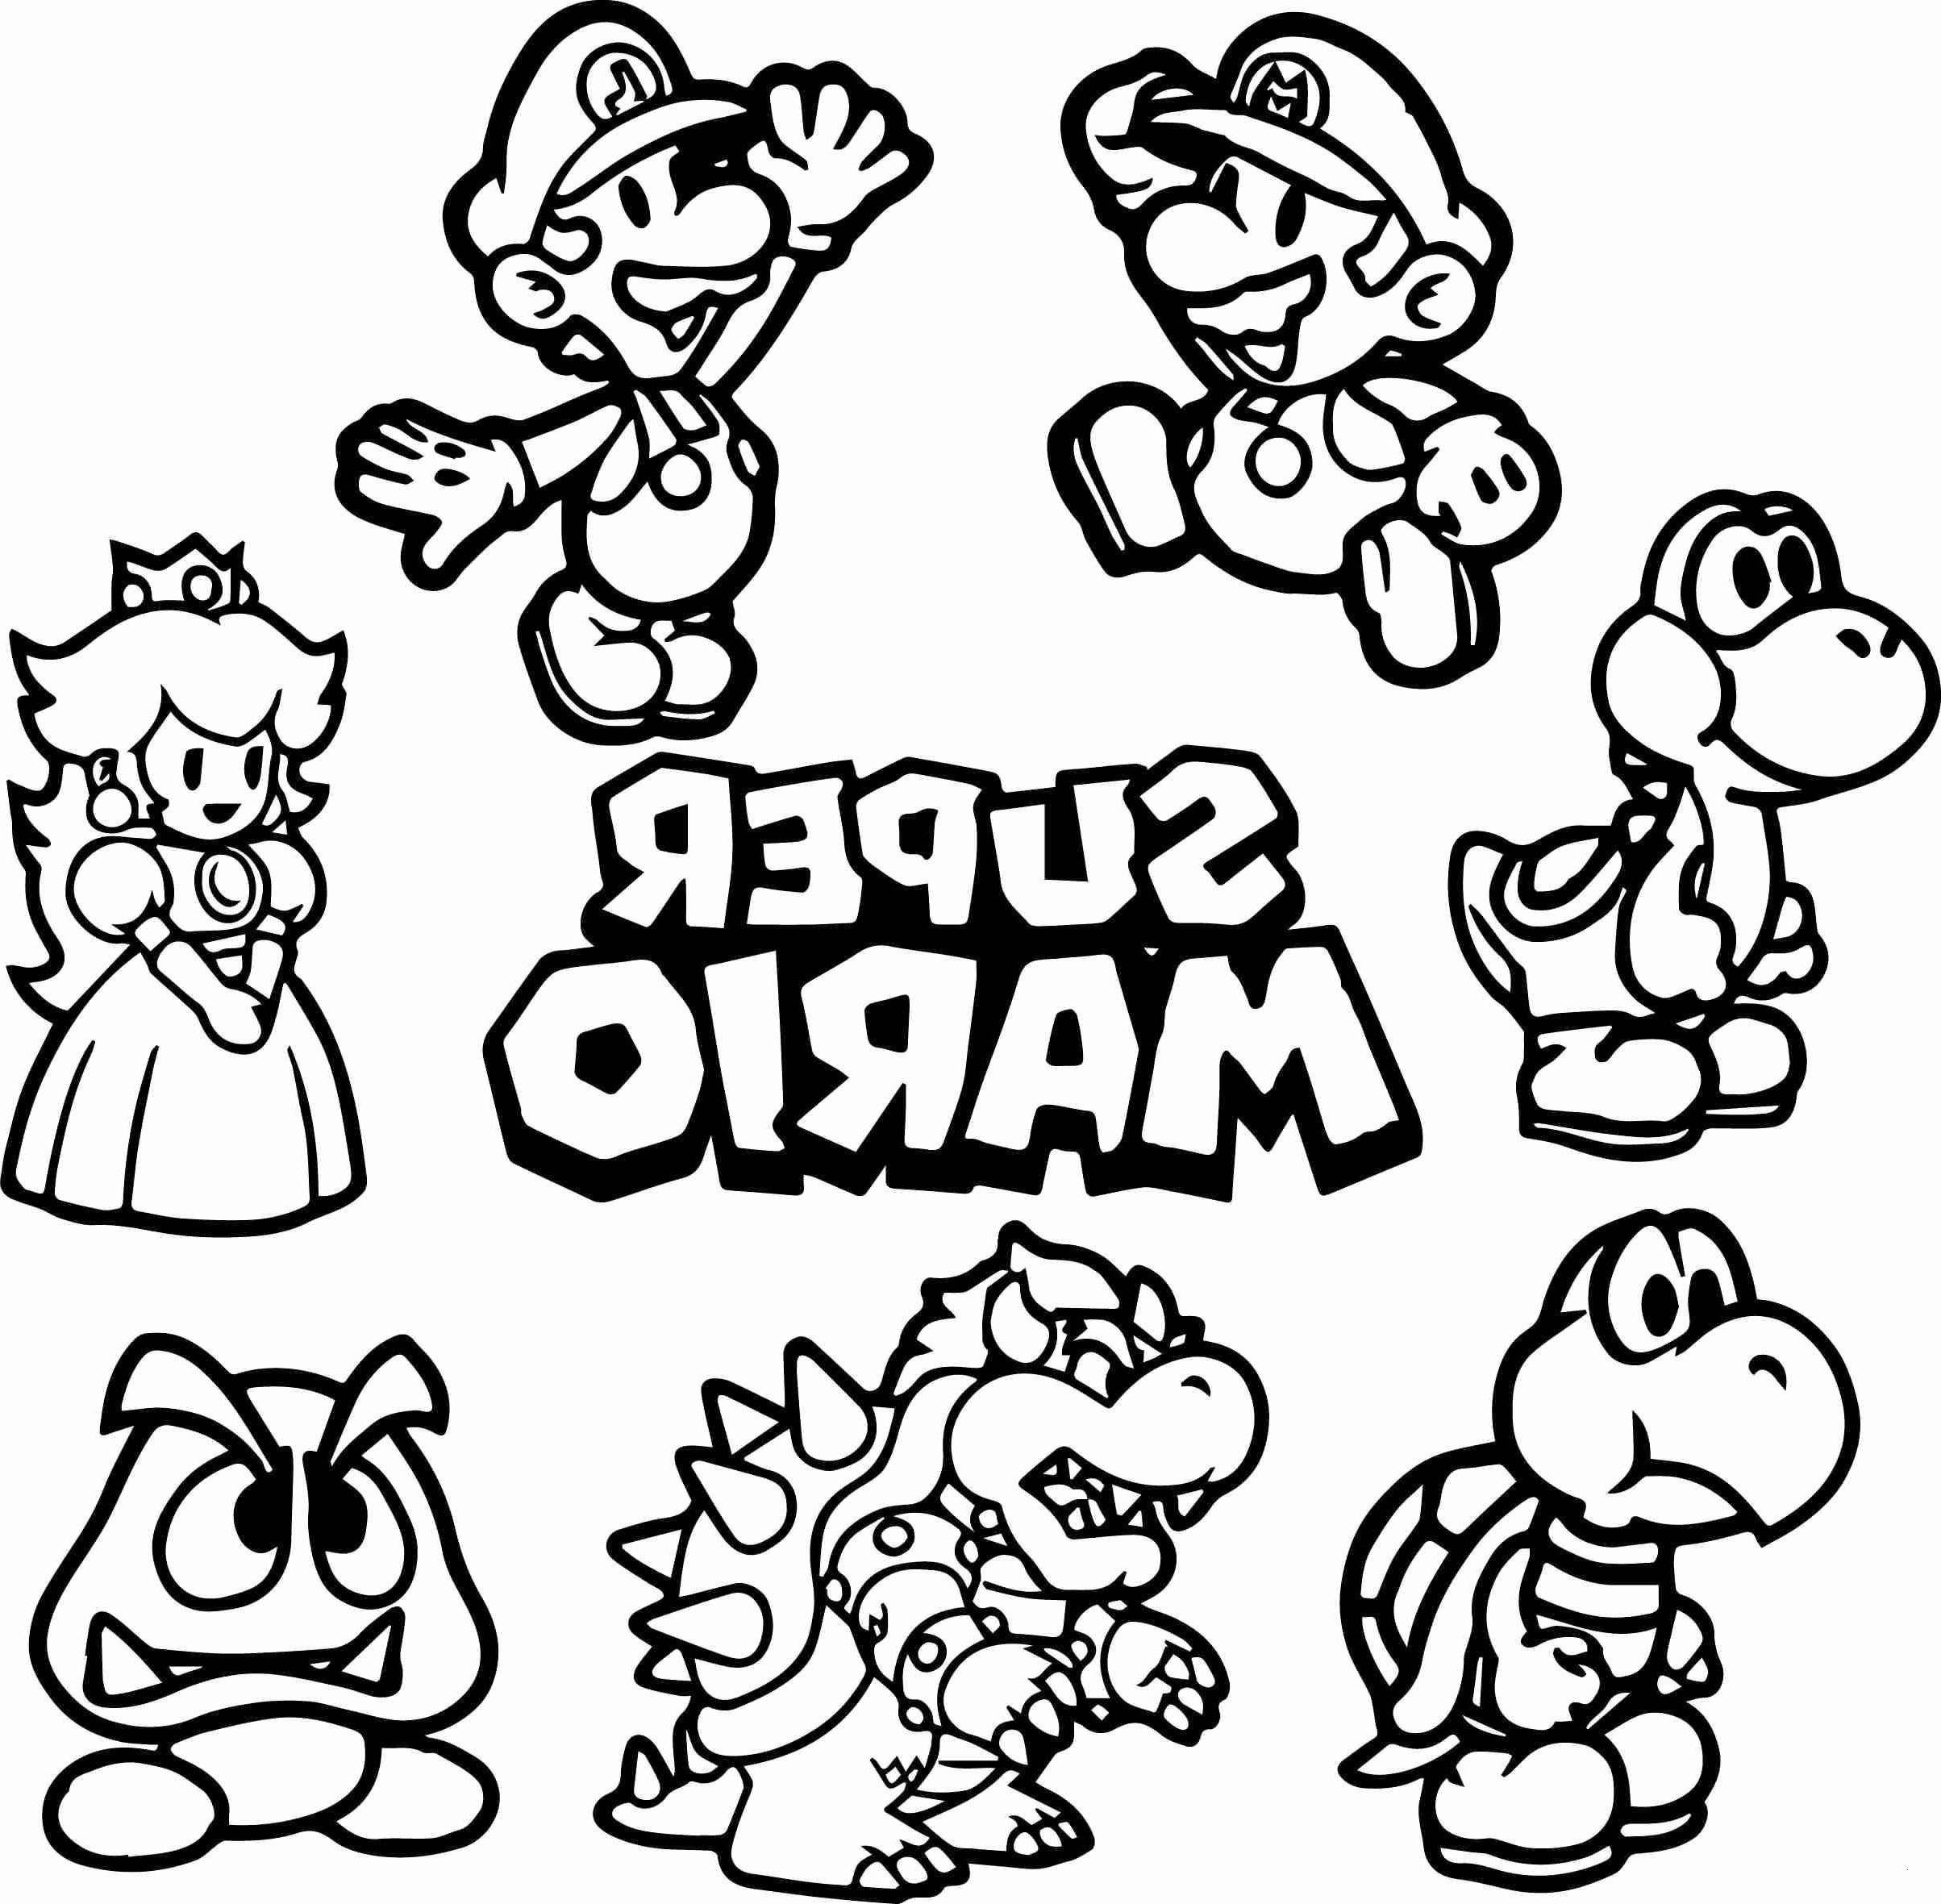 Super Mario Malvorlage Genial 28 Inspirierend Ausmalbild Super Mario – Malvorlagen Ideen Stock